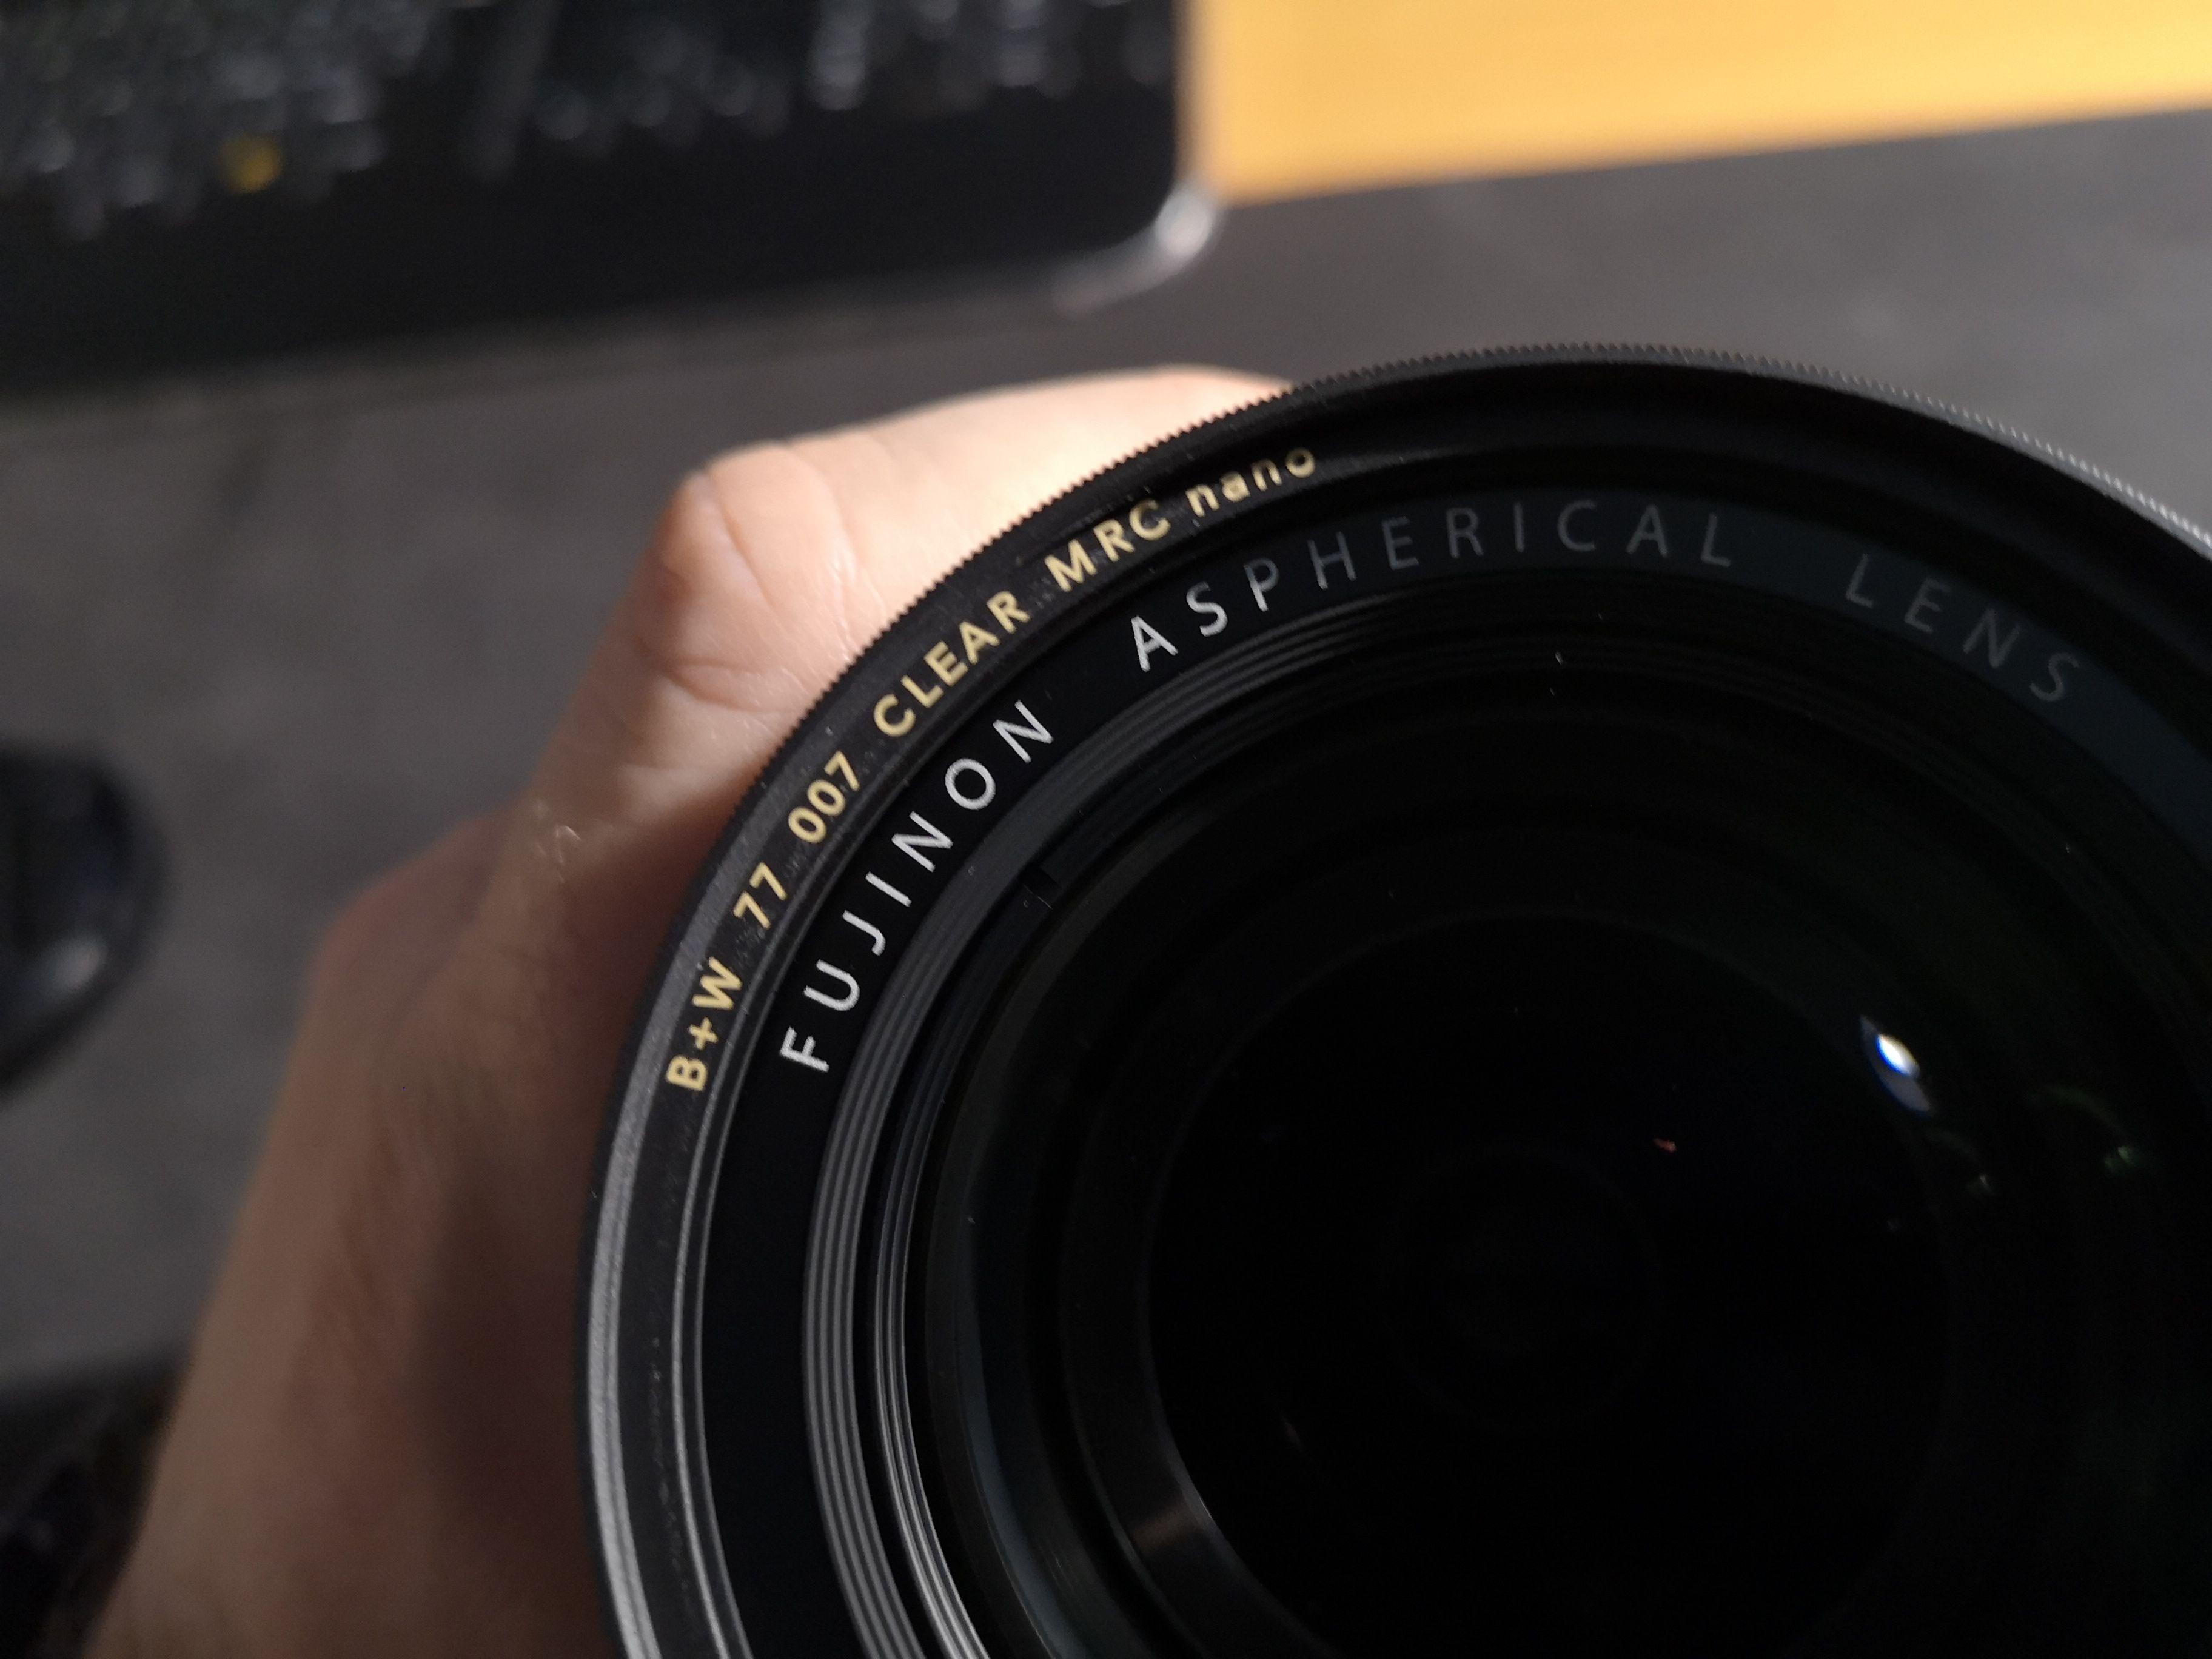 XS-Pro Digital MRC nano 007 Clear 77mm